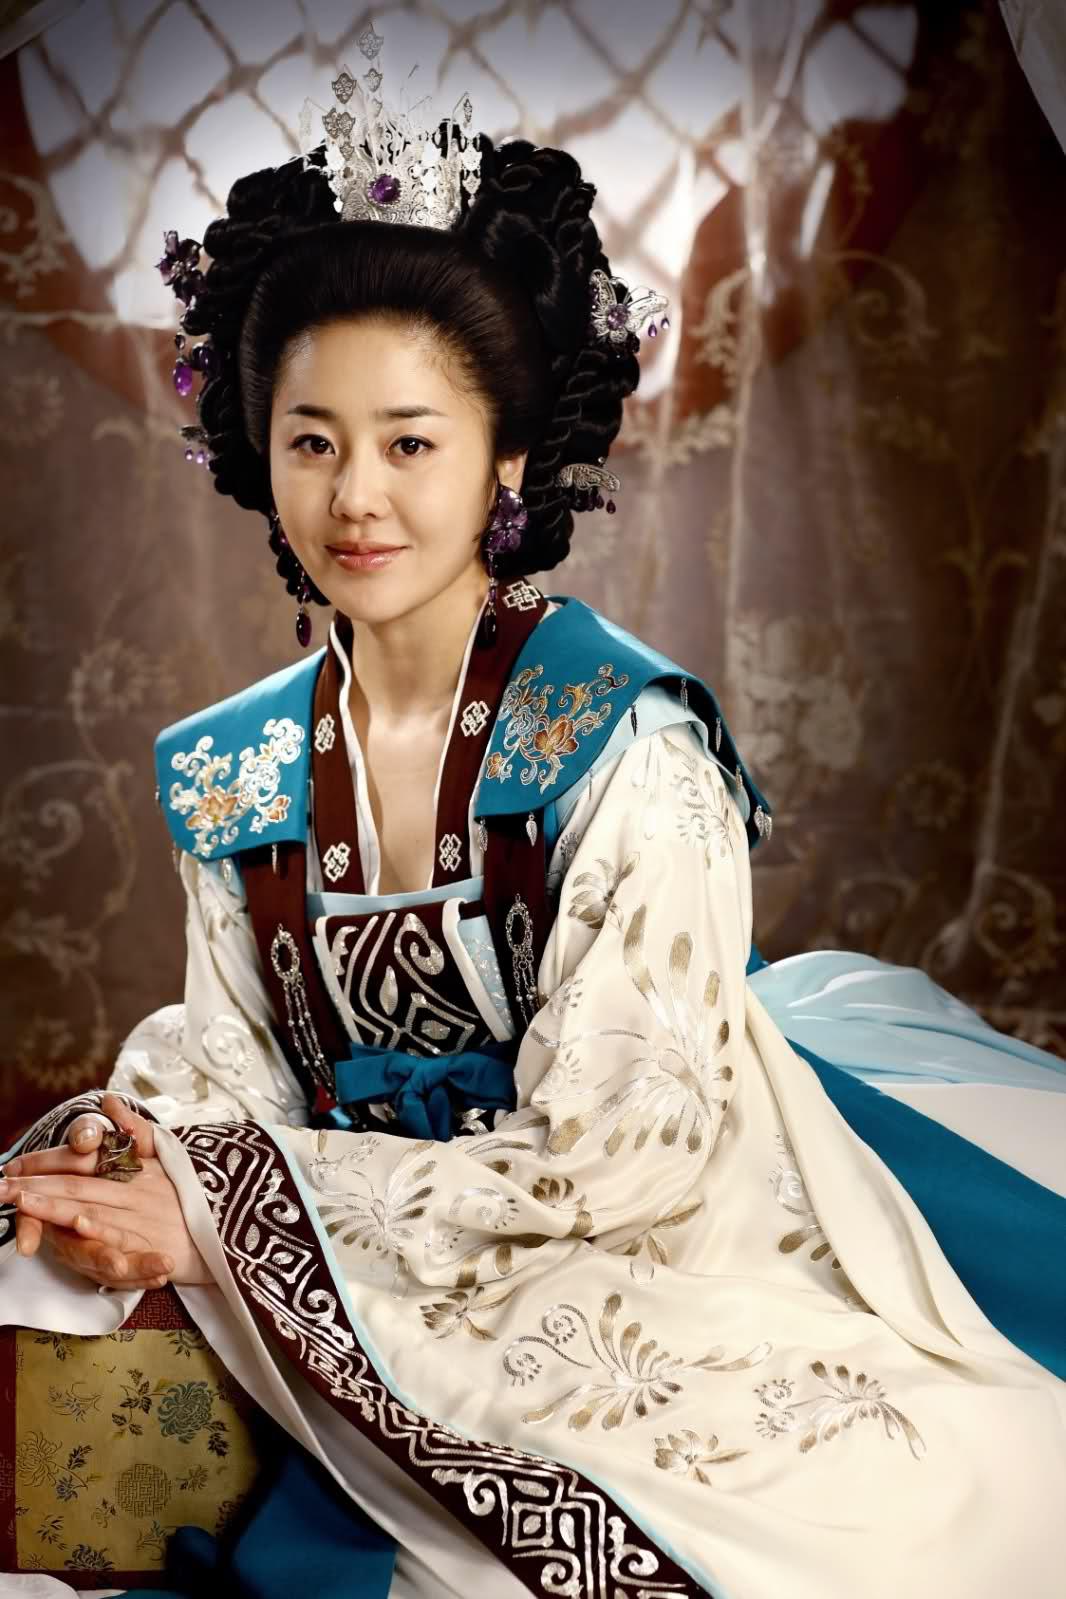 Dàn minh tinh nhận kết đắng vì lấy chồng siêu giàu: Á hậu sống như giúp việc trong gia tộc Samsung, quốc bảo xứ Hàn tự tử hụt-10